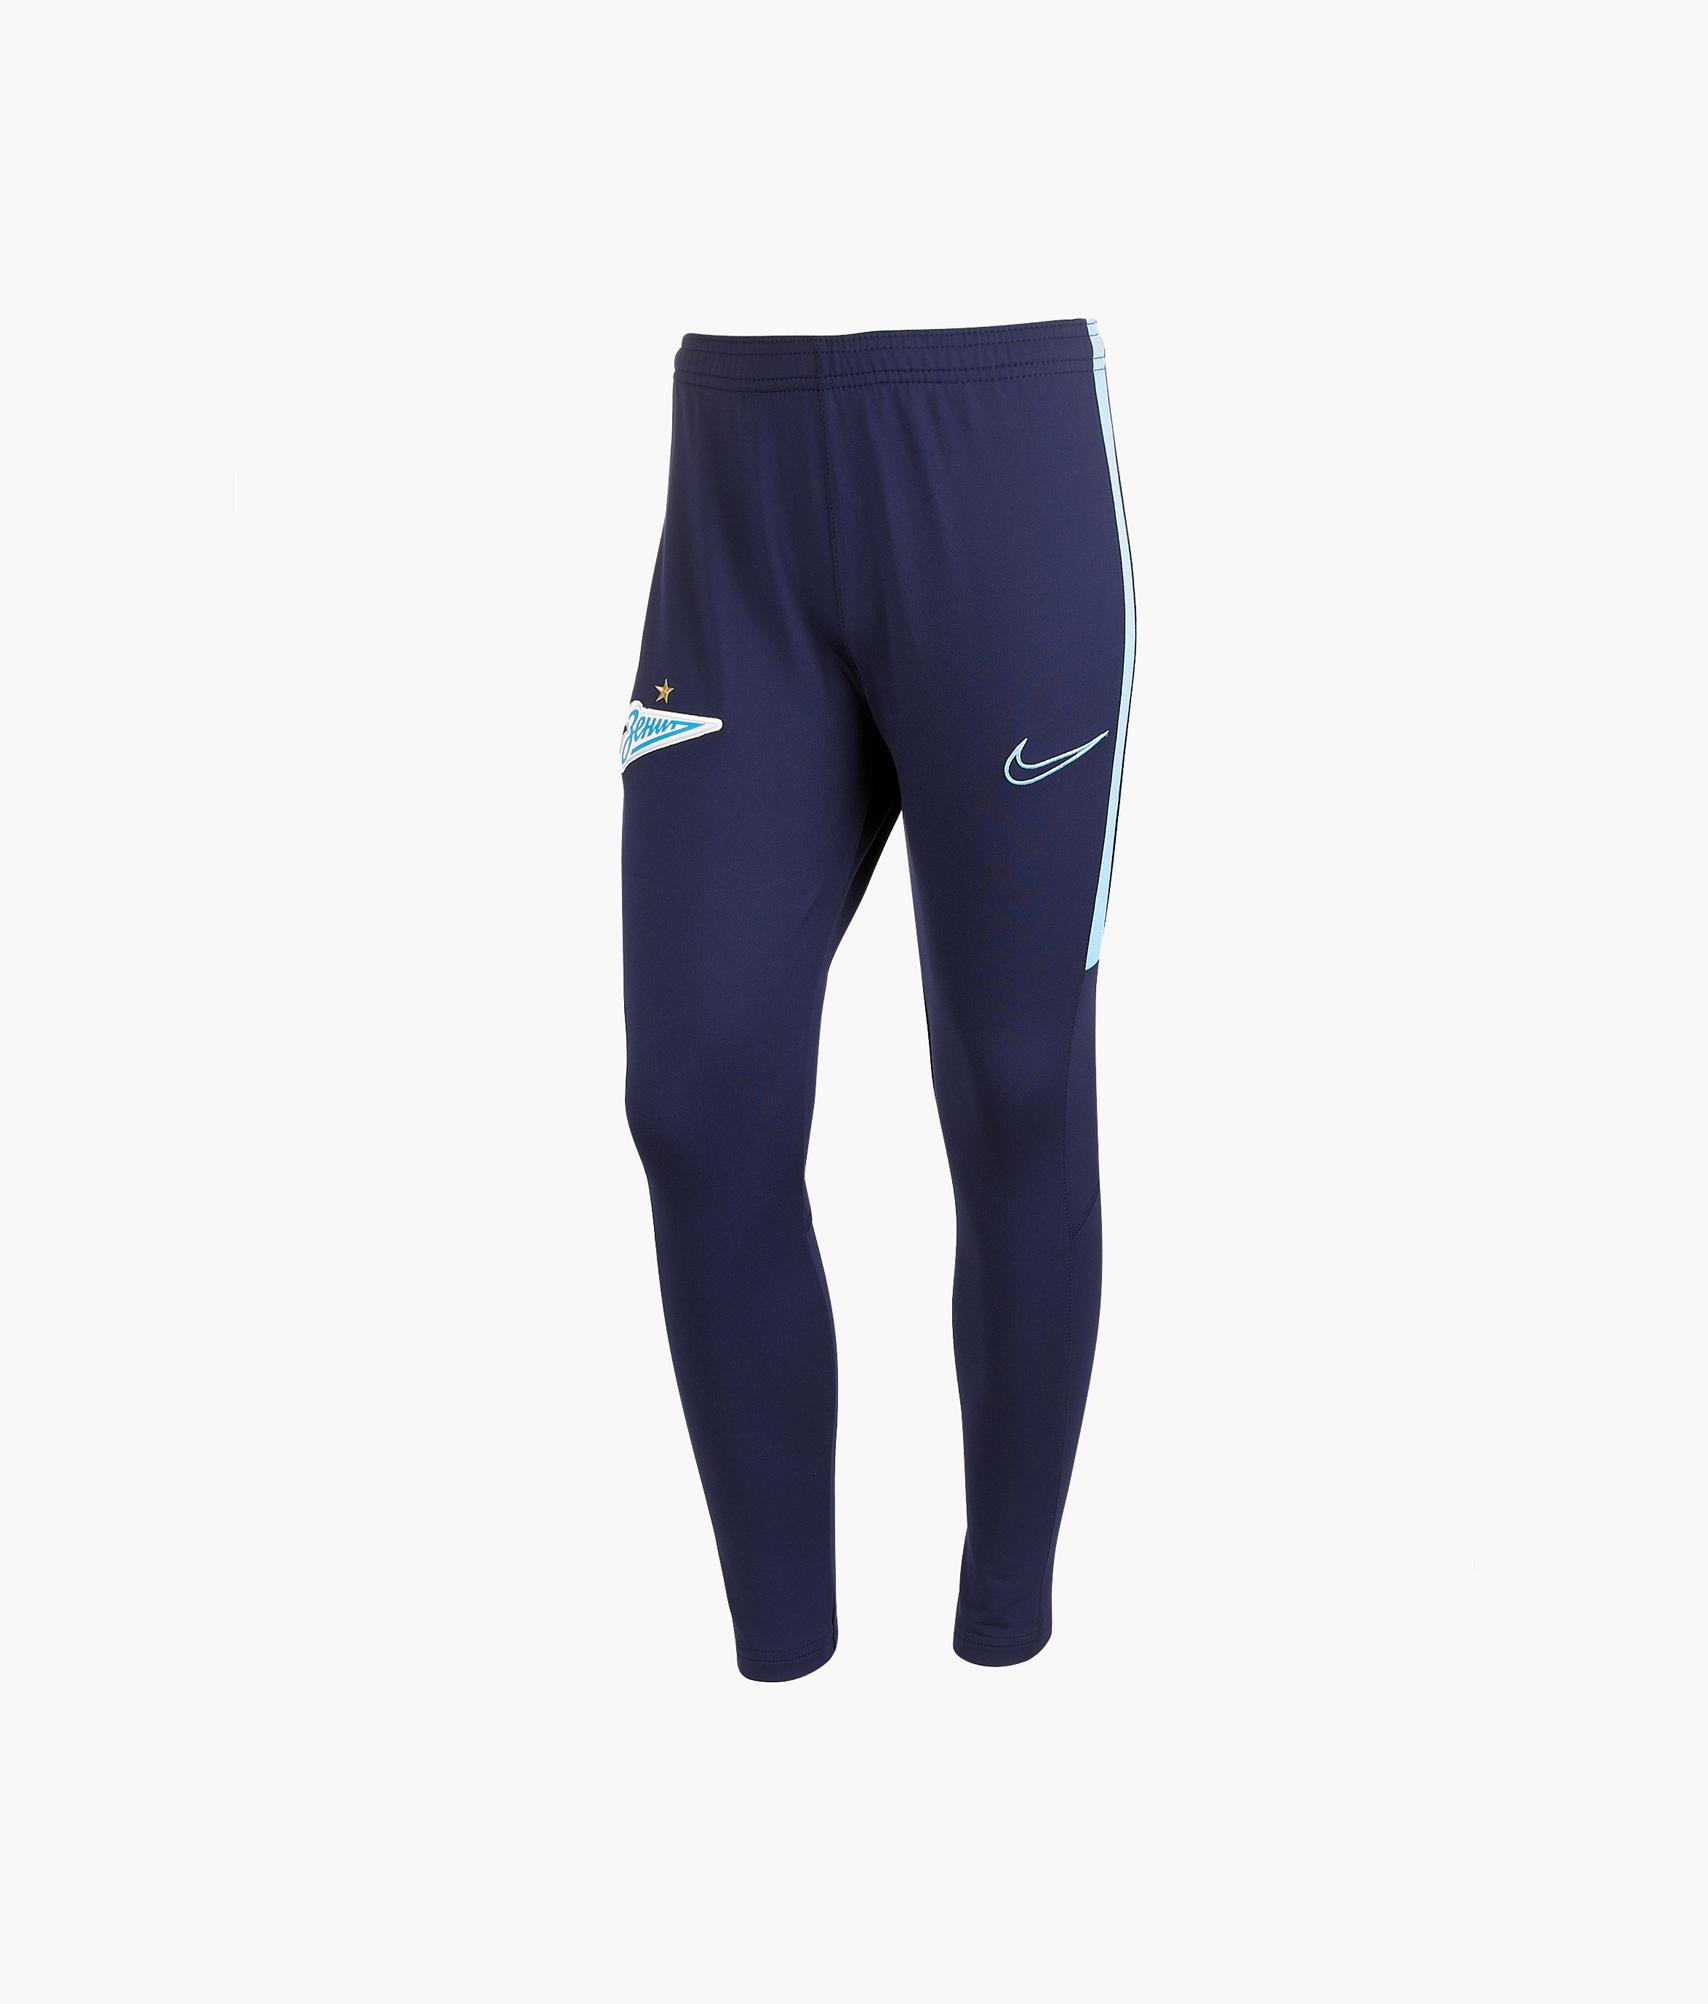 лучшая цена Брюки тренировочные подростковые Nike Zenit 2019/20 Nike